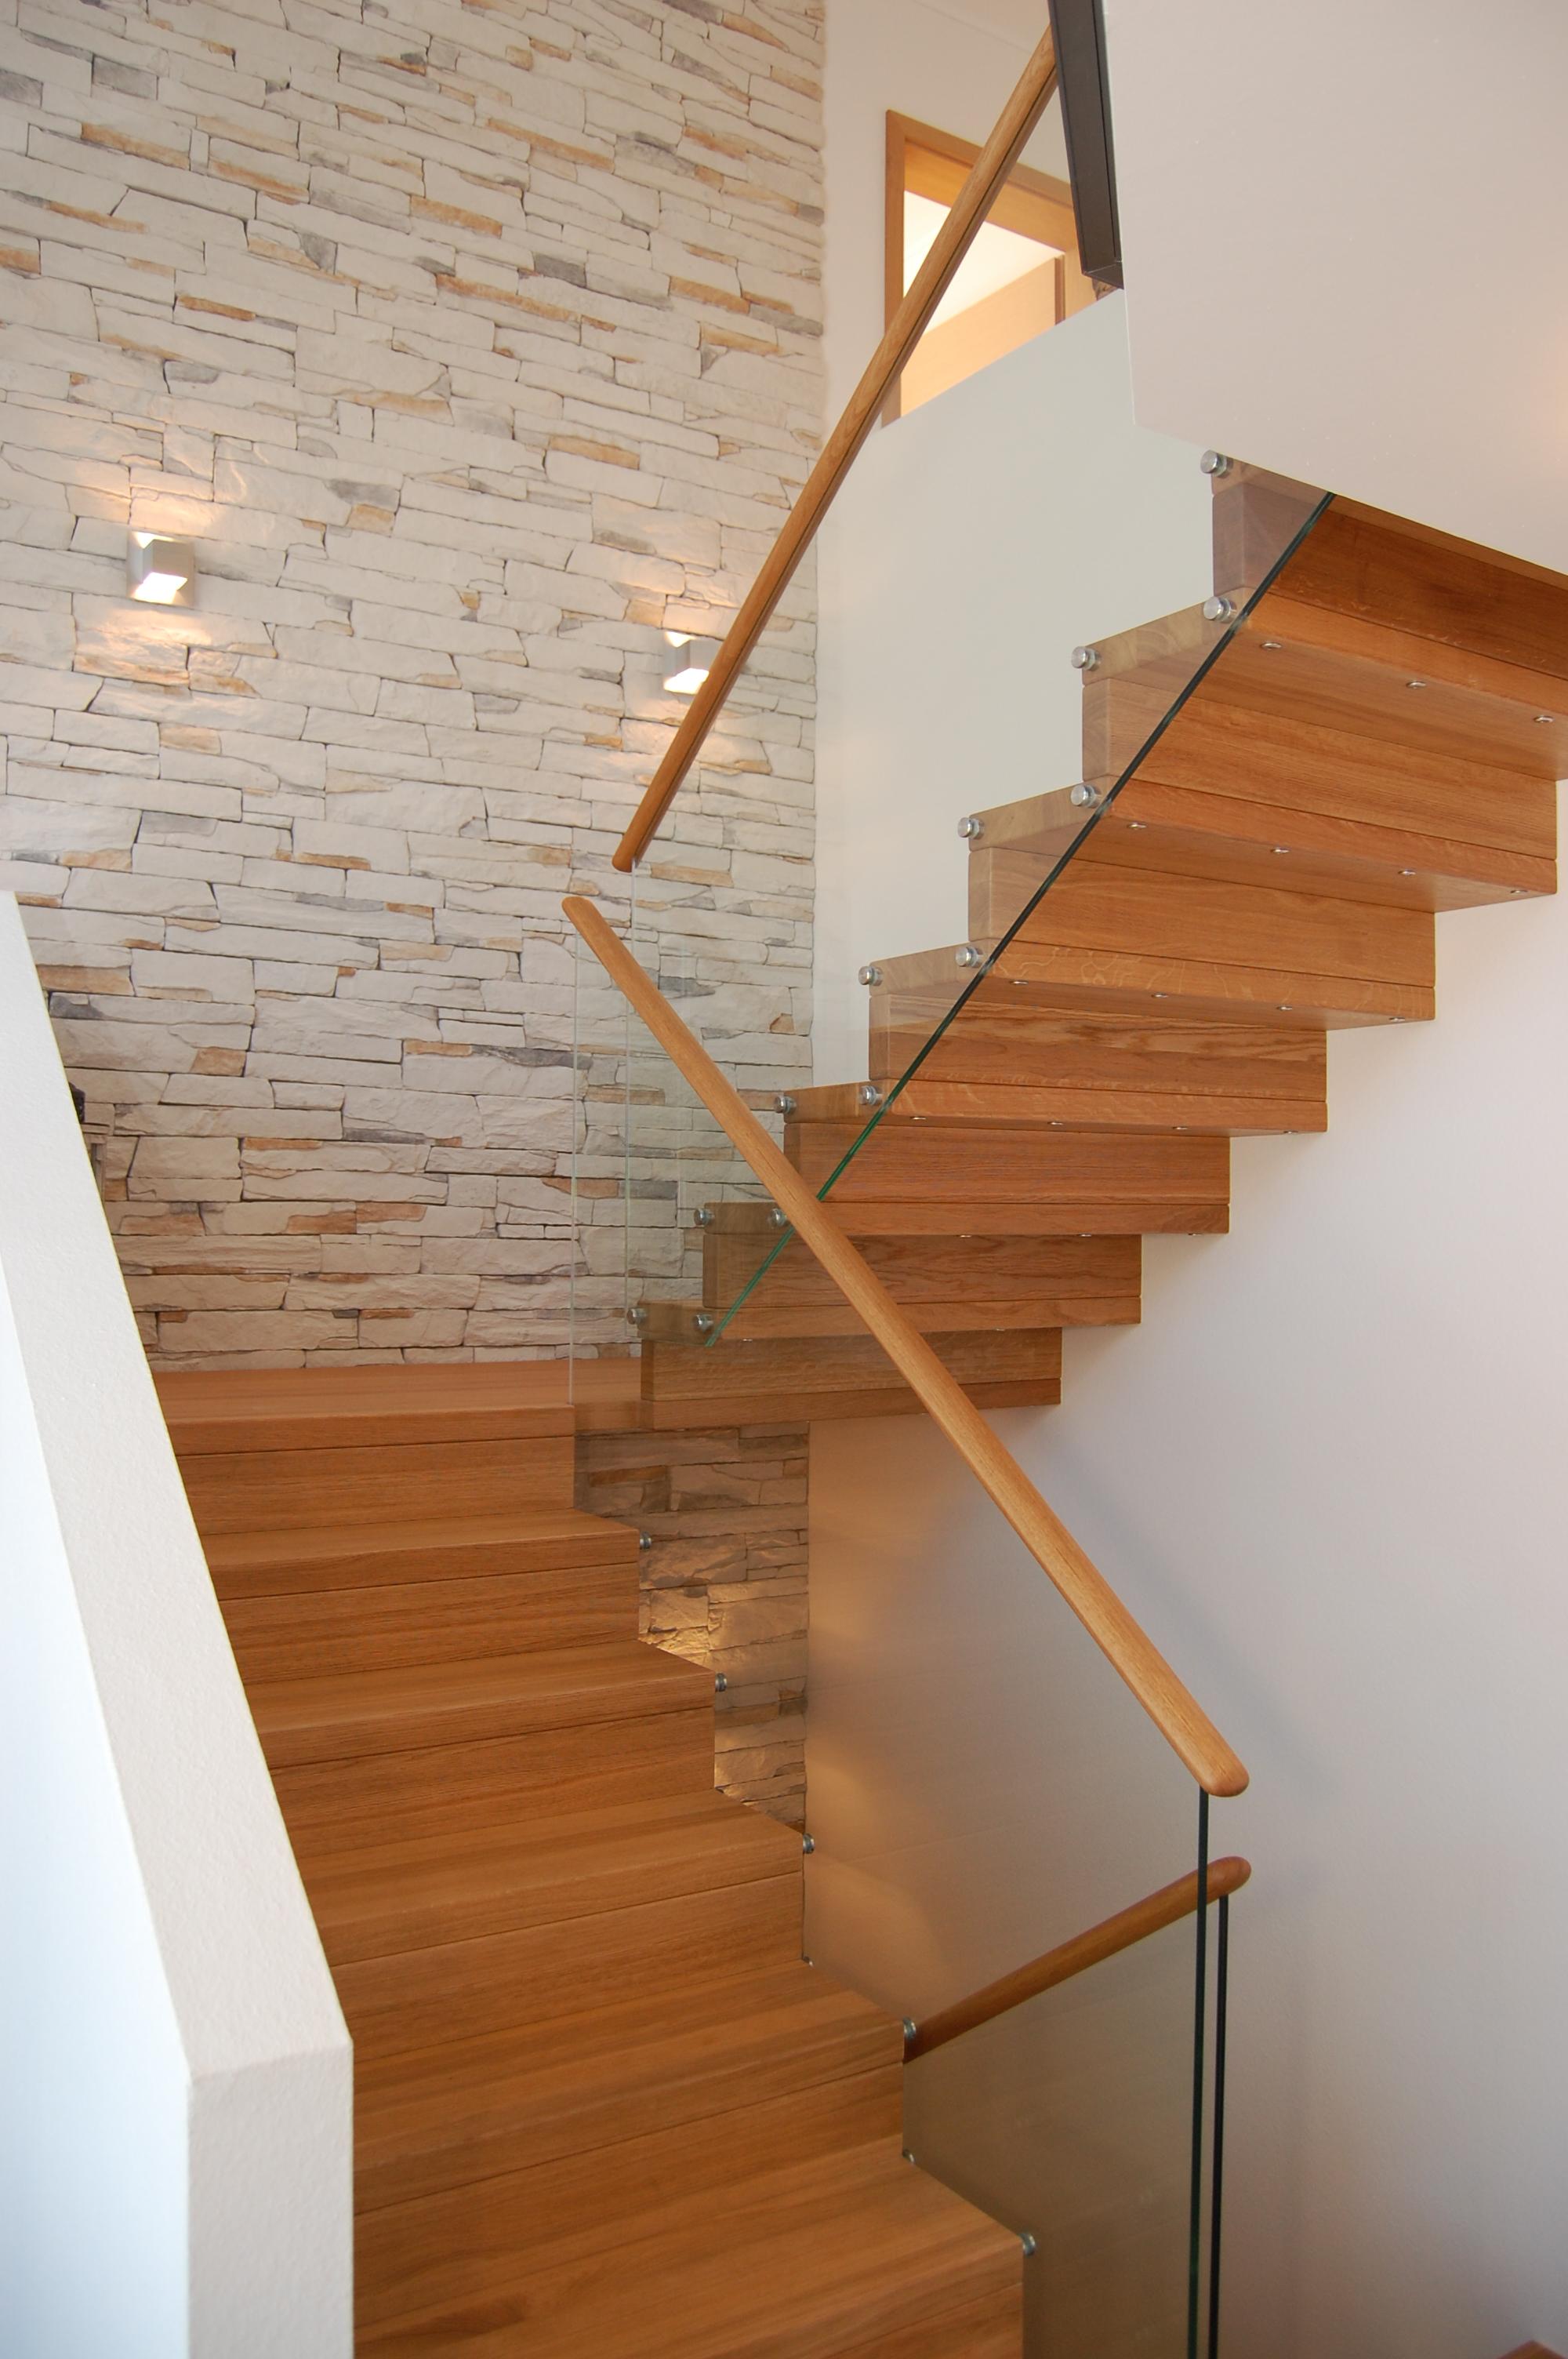 kostenloser energie check bei voit treppenbau 95236 stammbach haus sanieren profitieren. Black Bedroom Furniture Sets. Home Design Ideas